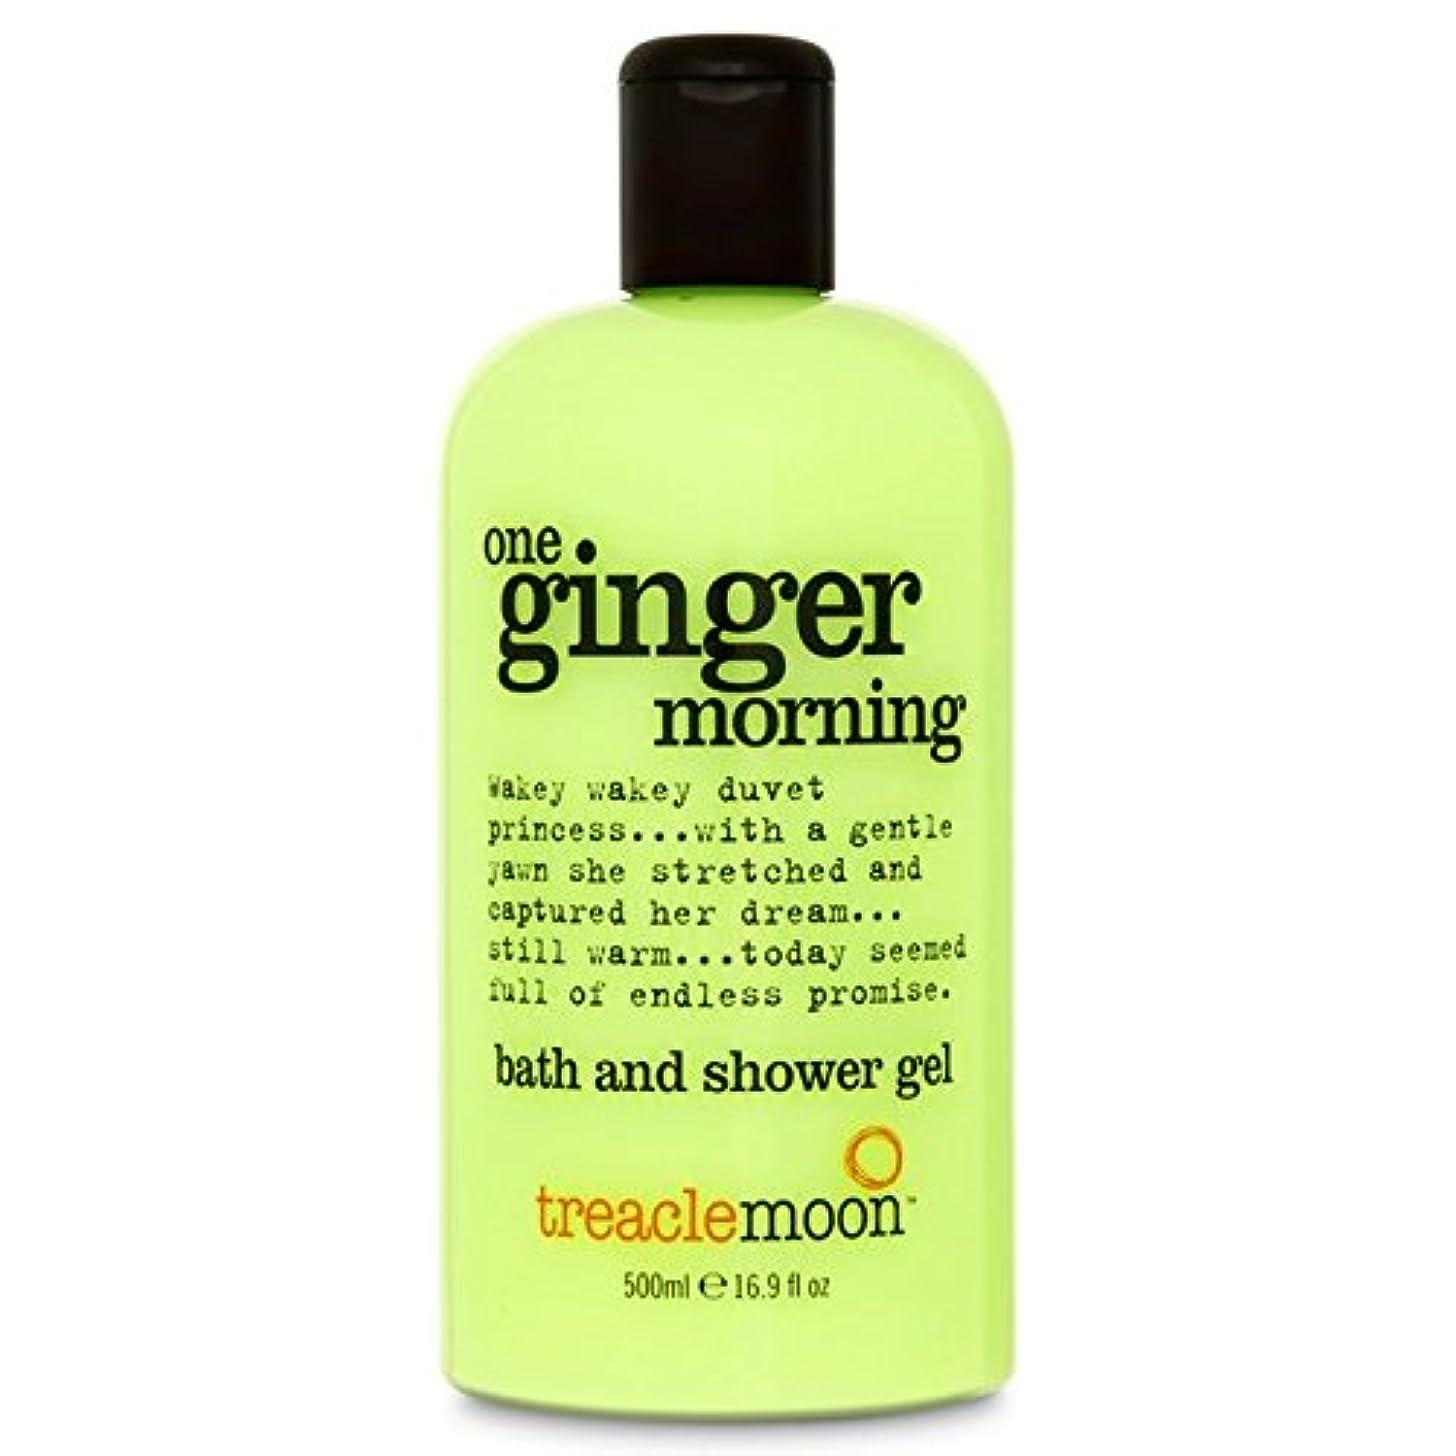 摩擦苦味マルコポーロTreacle Moon Ginger Bath & Shower Gel 500ml (Pack of 6) - 糖蜜ムーンジンジャーバス&シャワージェル500ミリリットル x6 [並行輸入品]